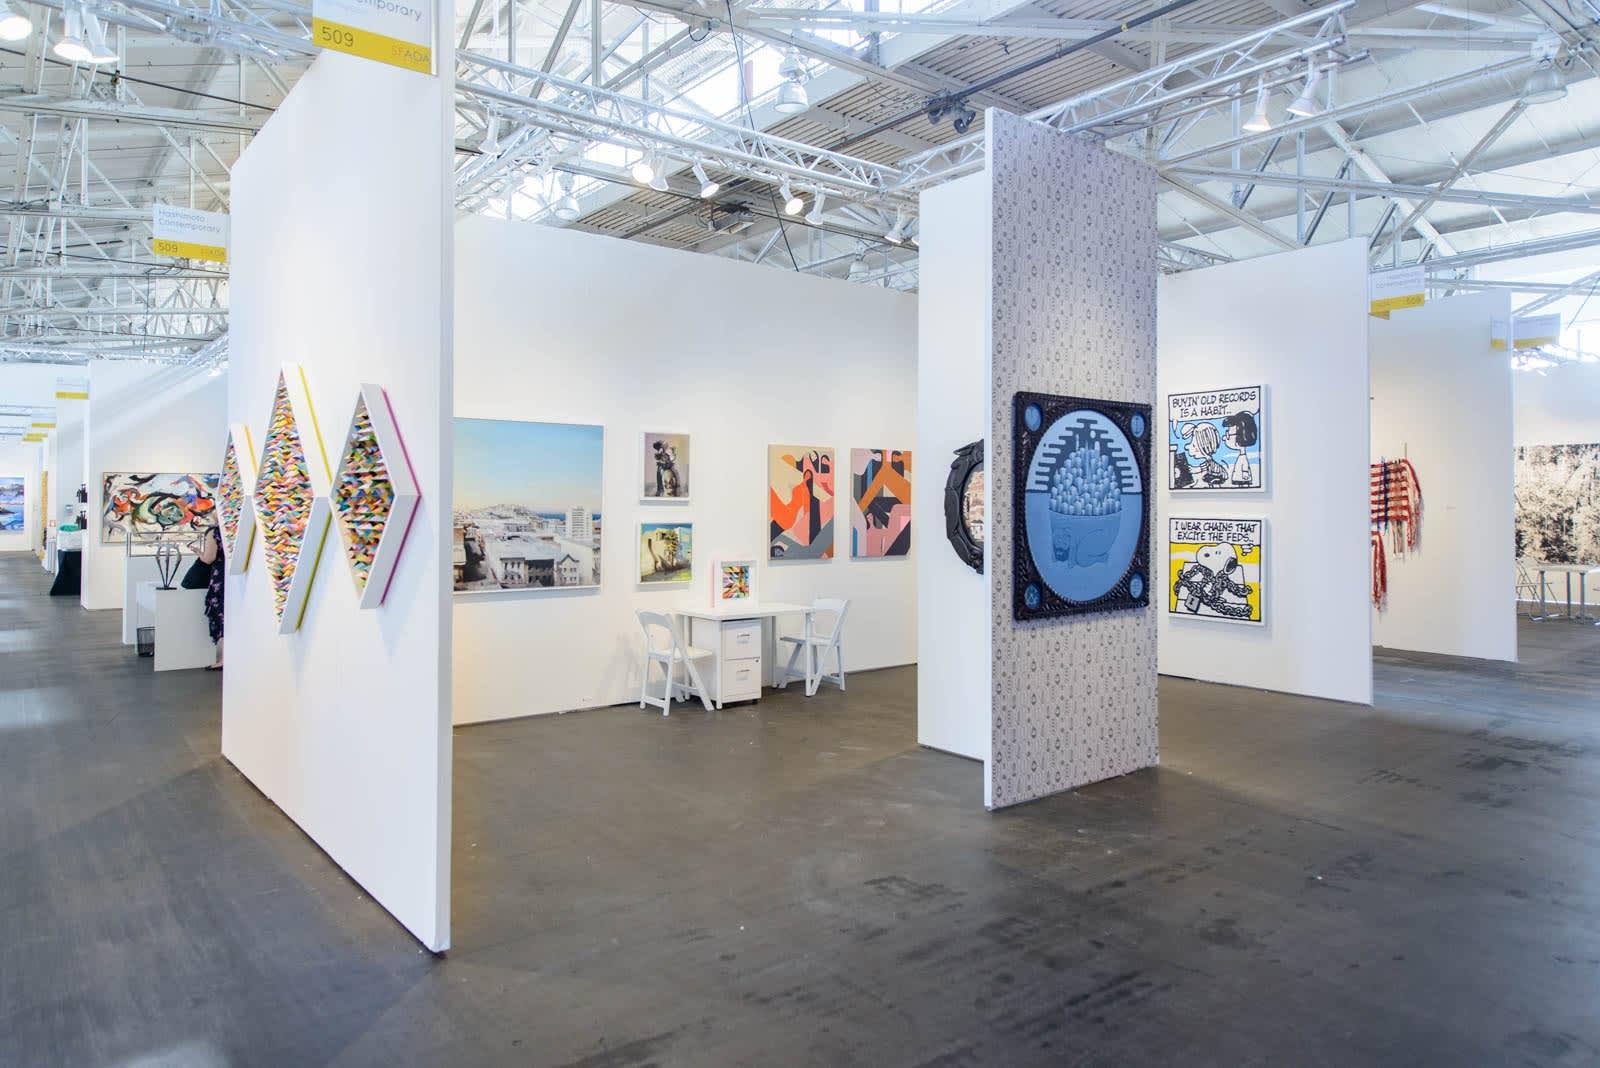 Art Market SF art fair installation